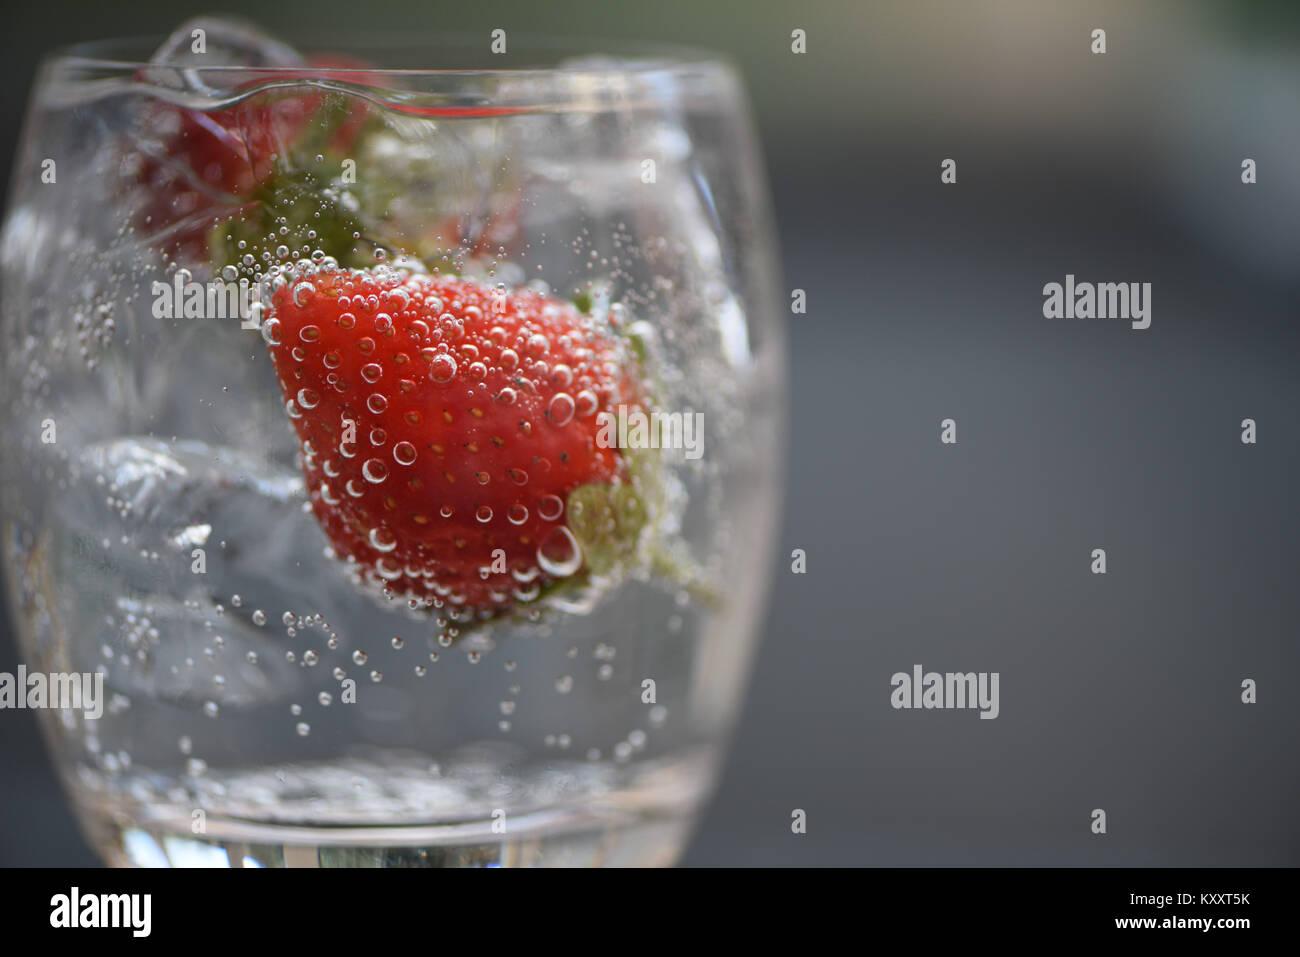 Erfrischende Speisen und Getränke Makro Nahaufnahme fotografie Bild von roten Früchten Erdbeeren in ein Stockbild